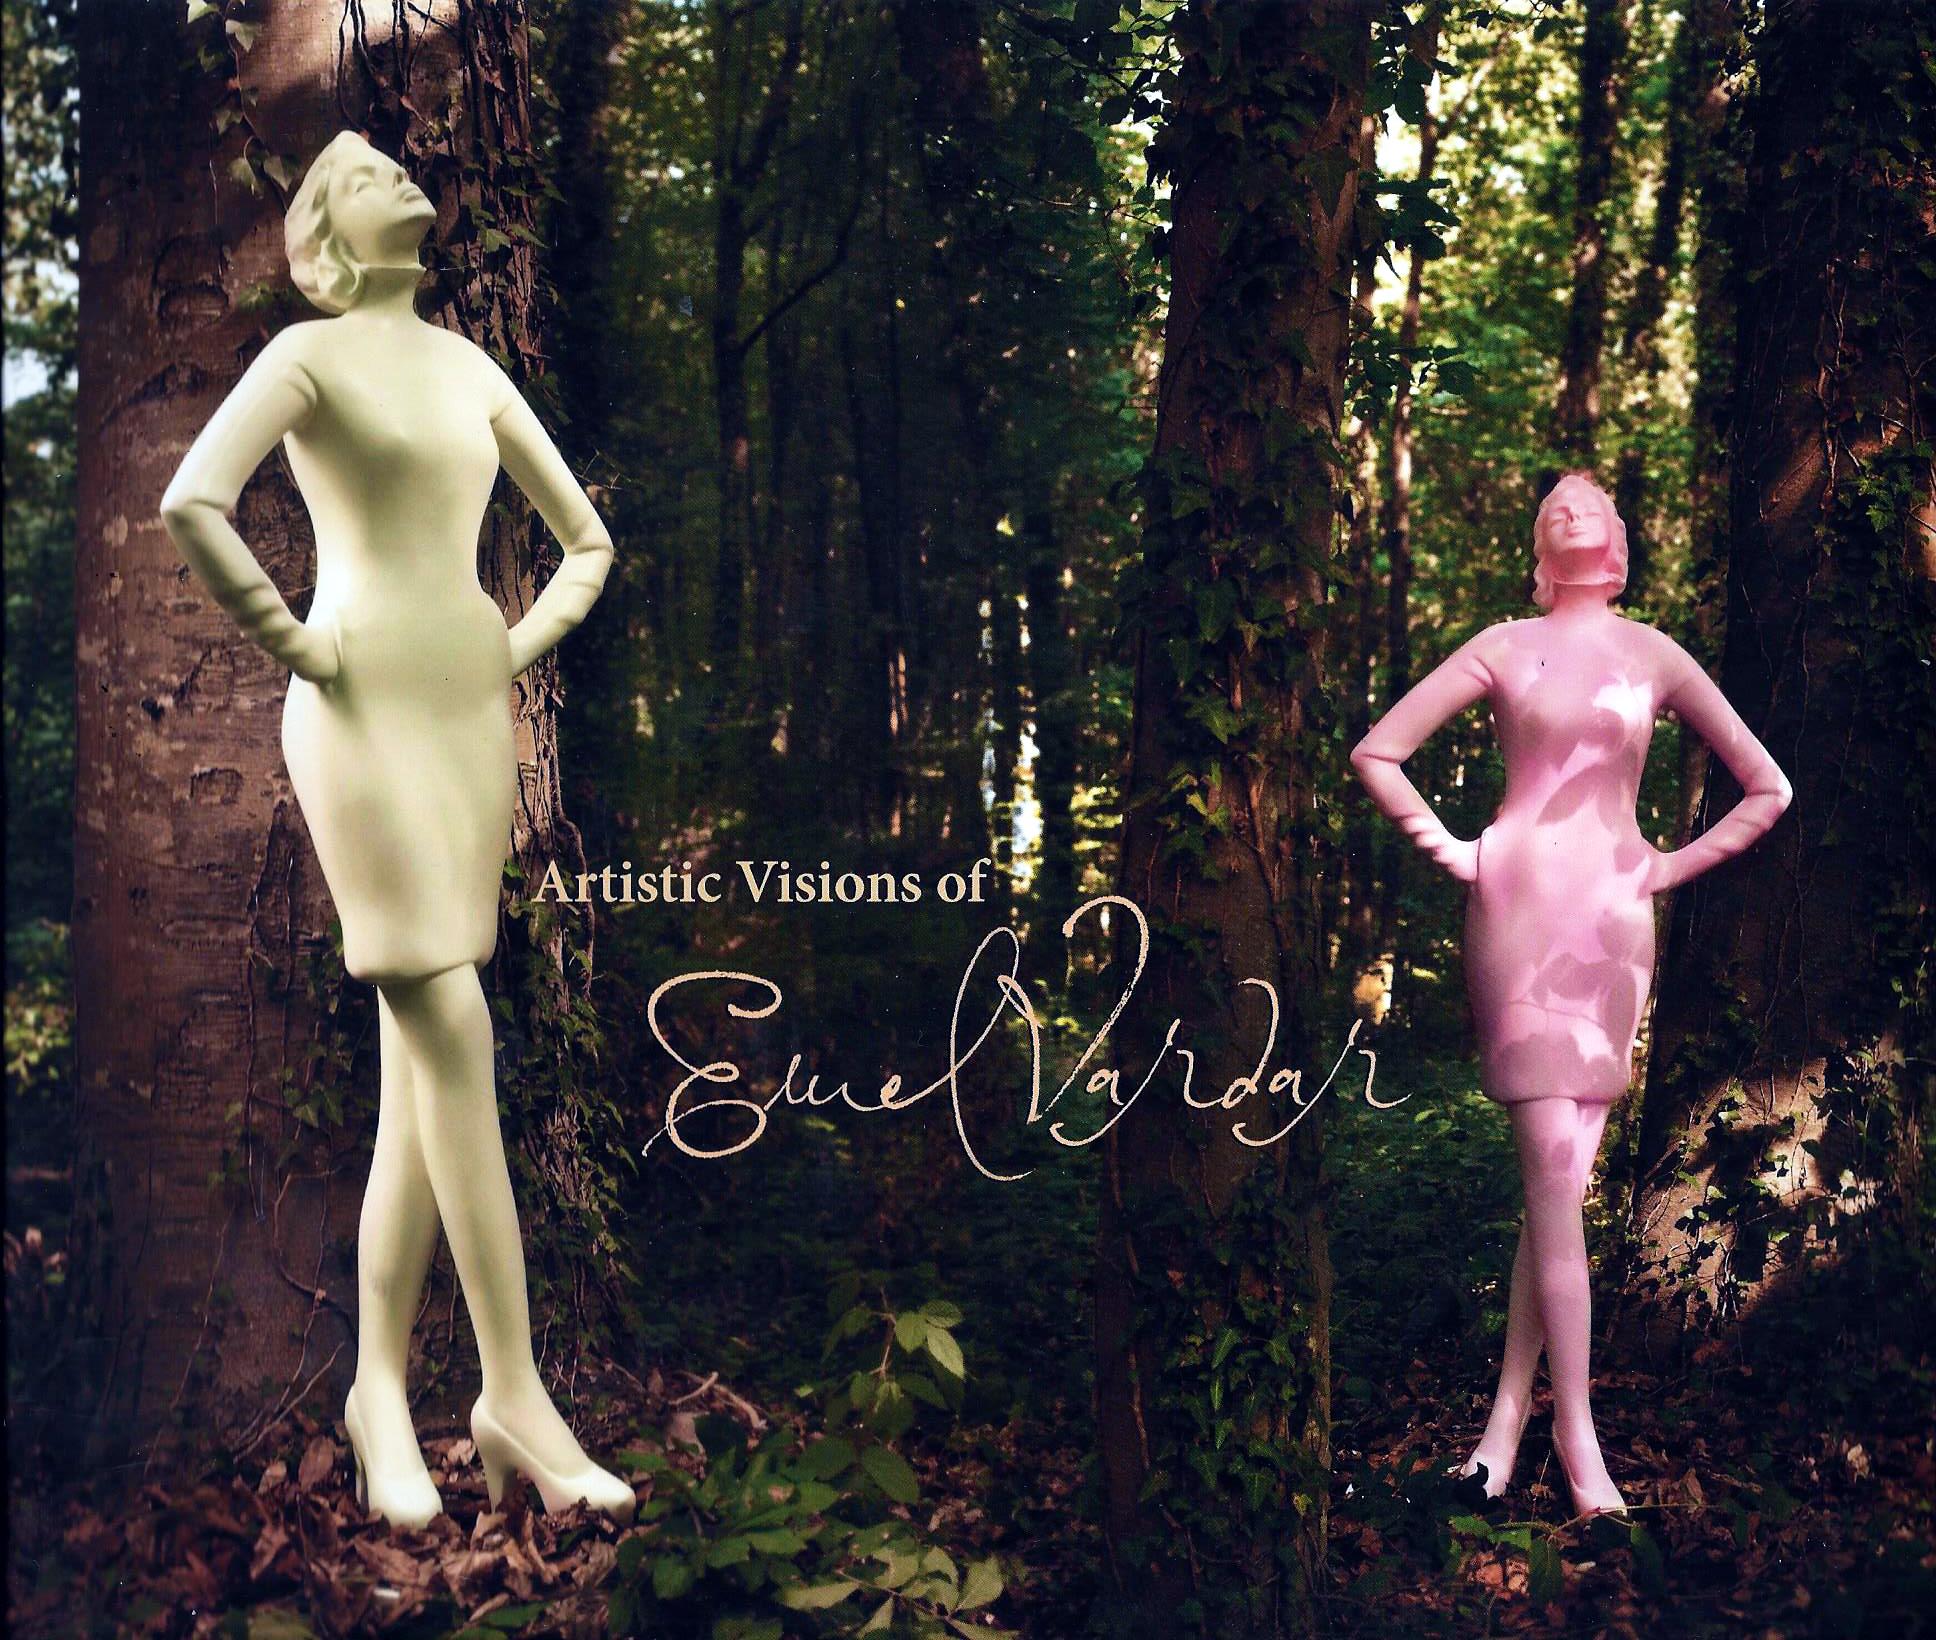 Artistic Visions of Emel Vardar